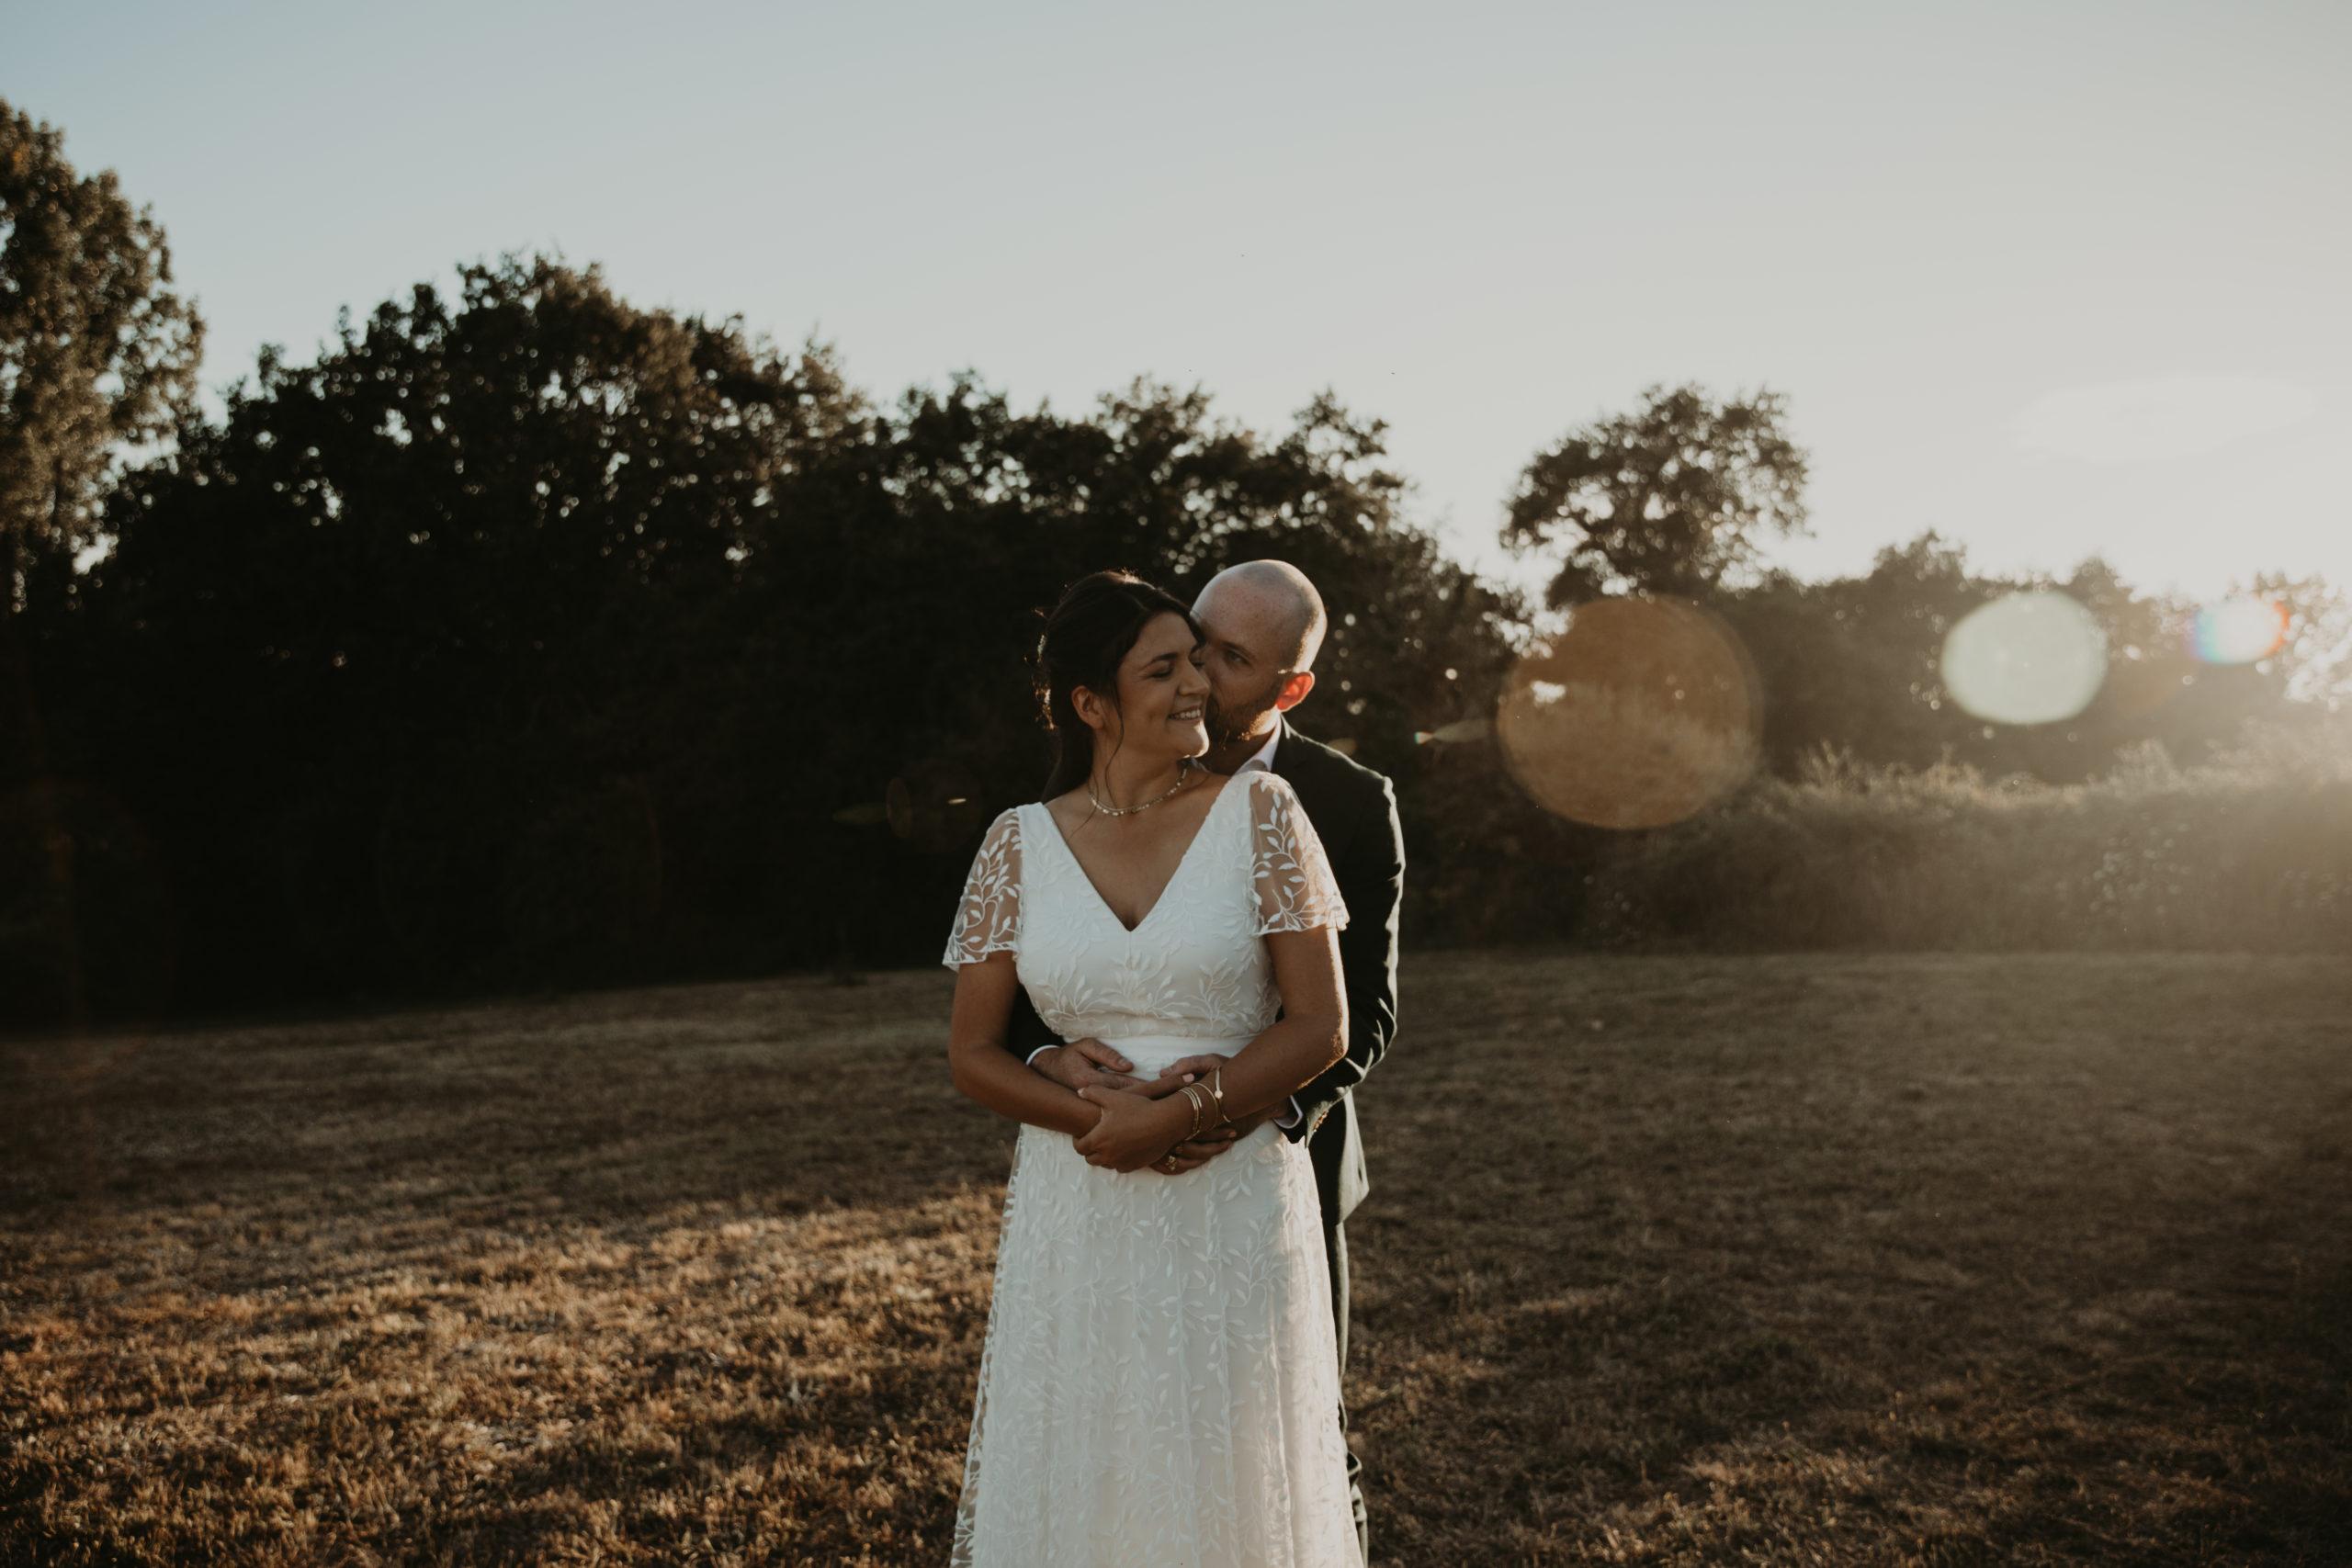 marielle & hugo mariage été indien